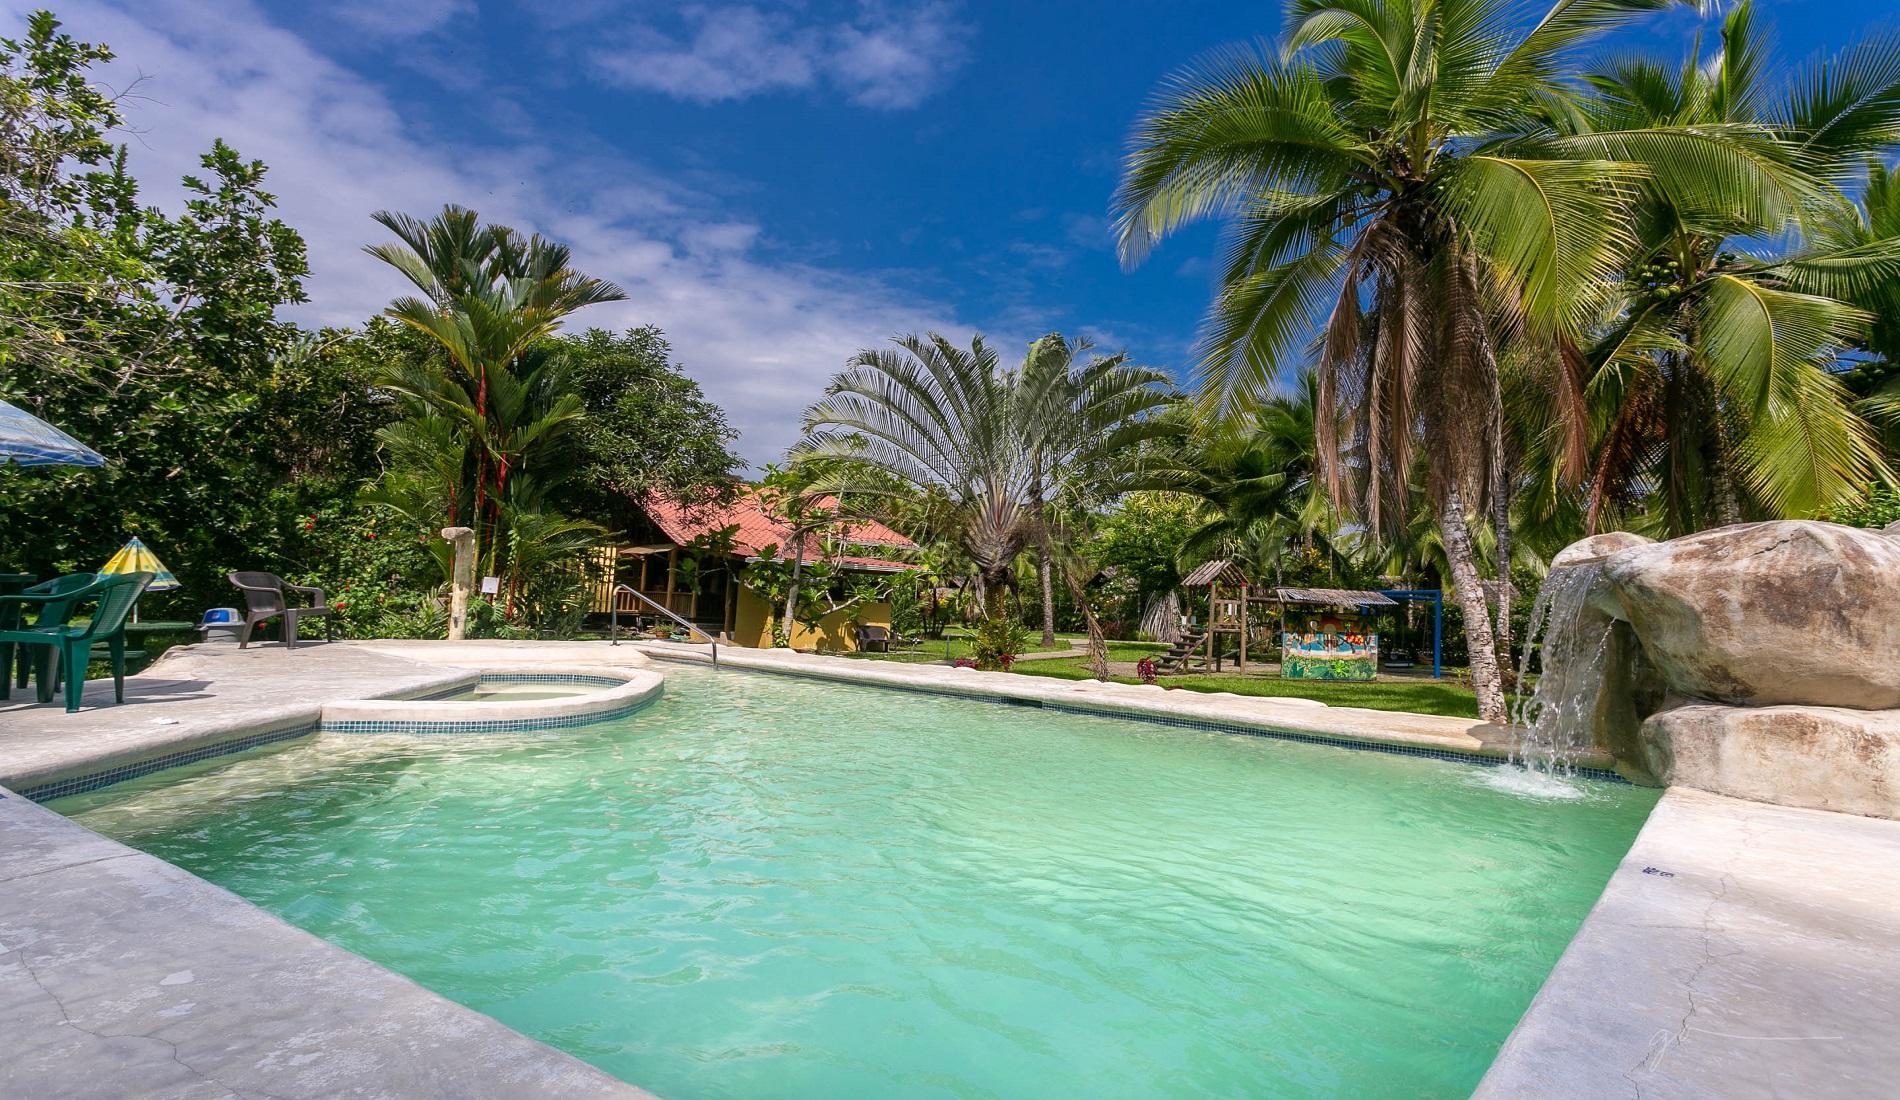 zwembad caribische kust costa rica